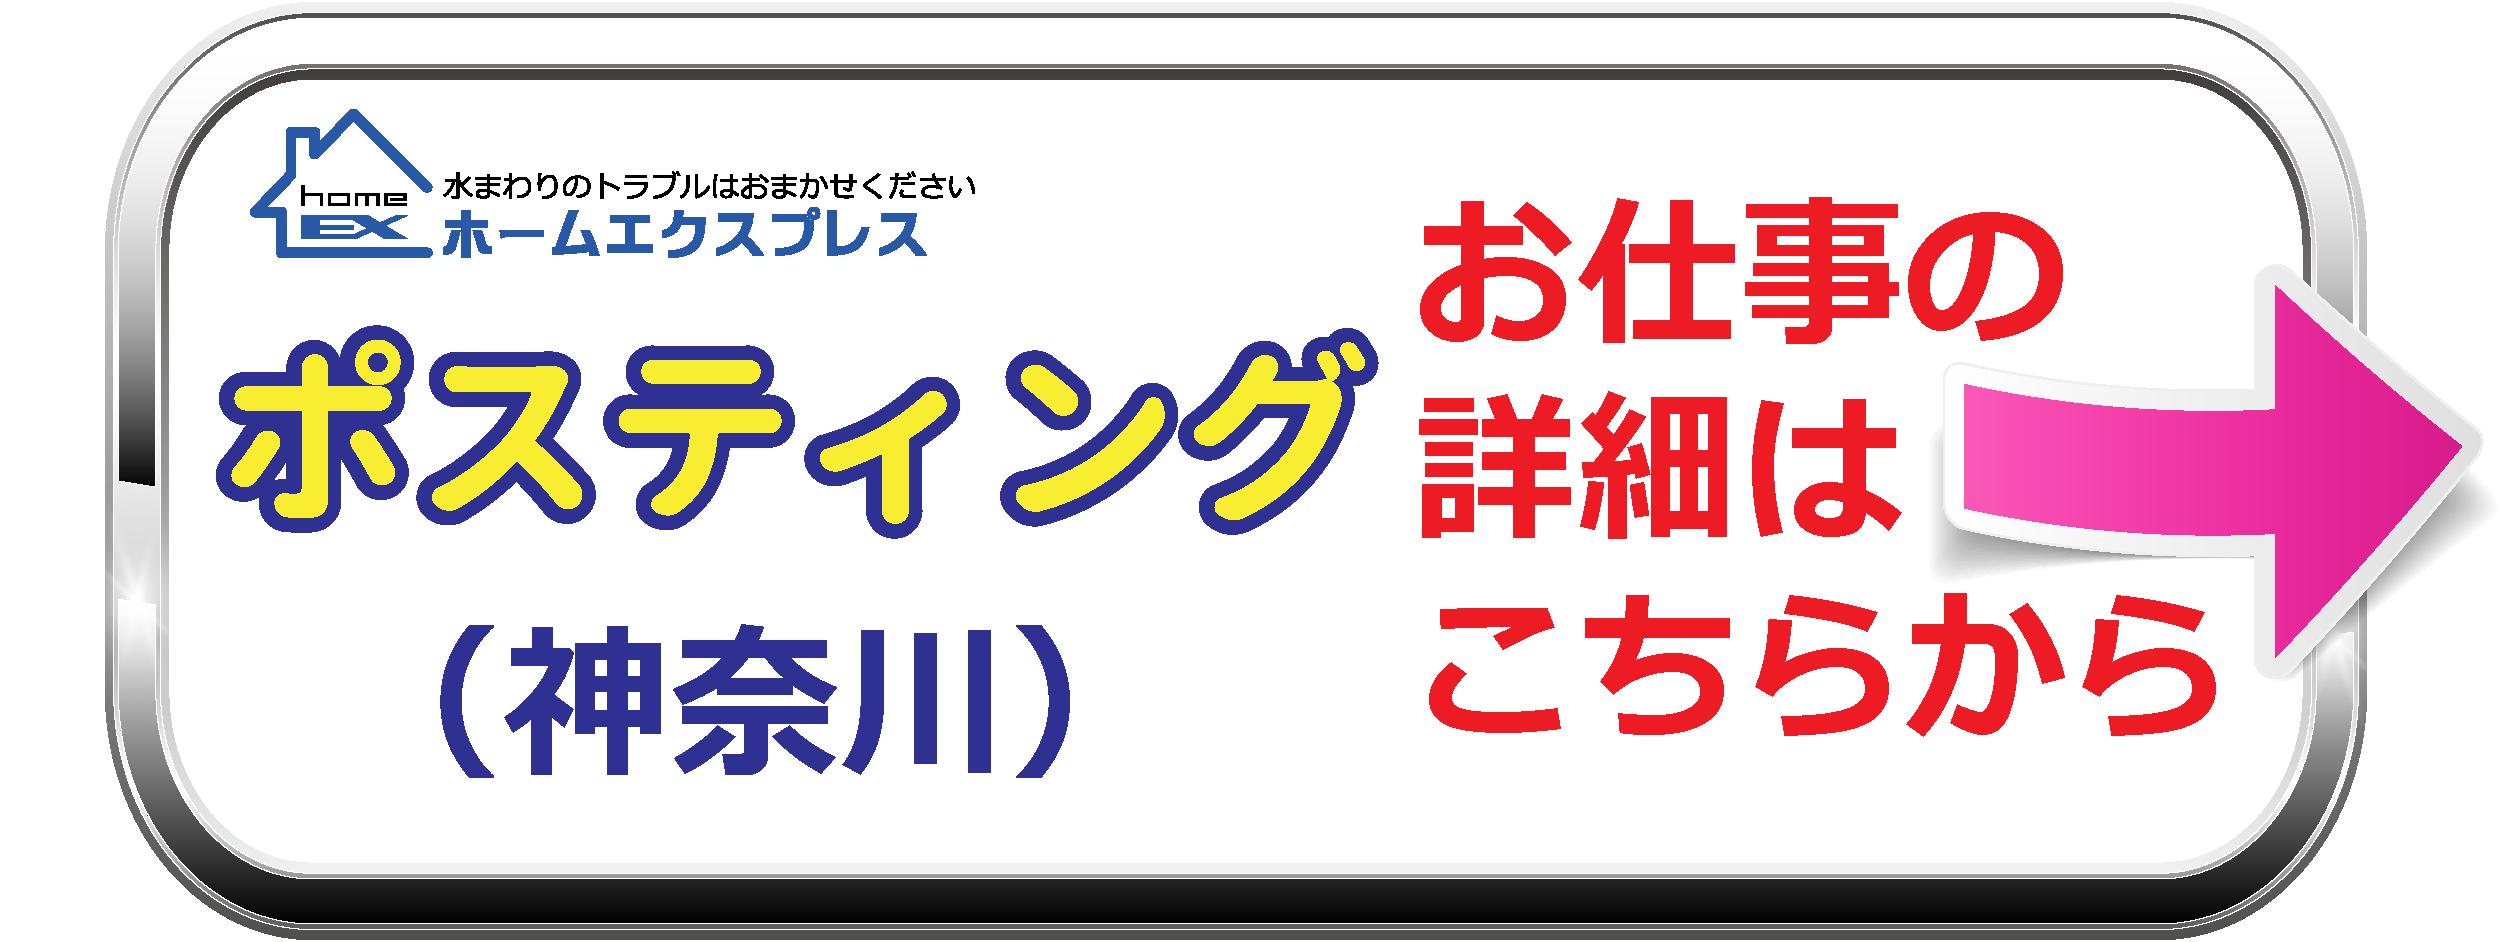 ホームエクスプレス・ポスティング求人神奈川